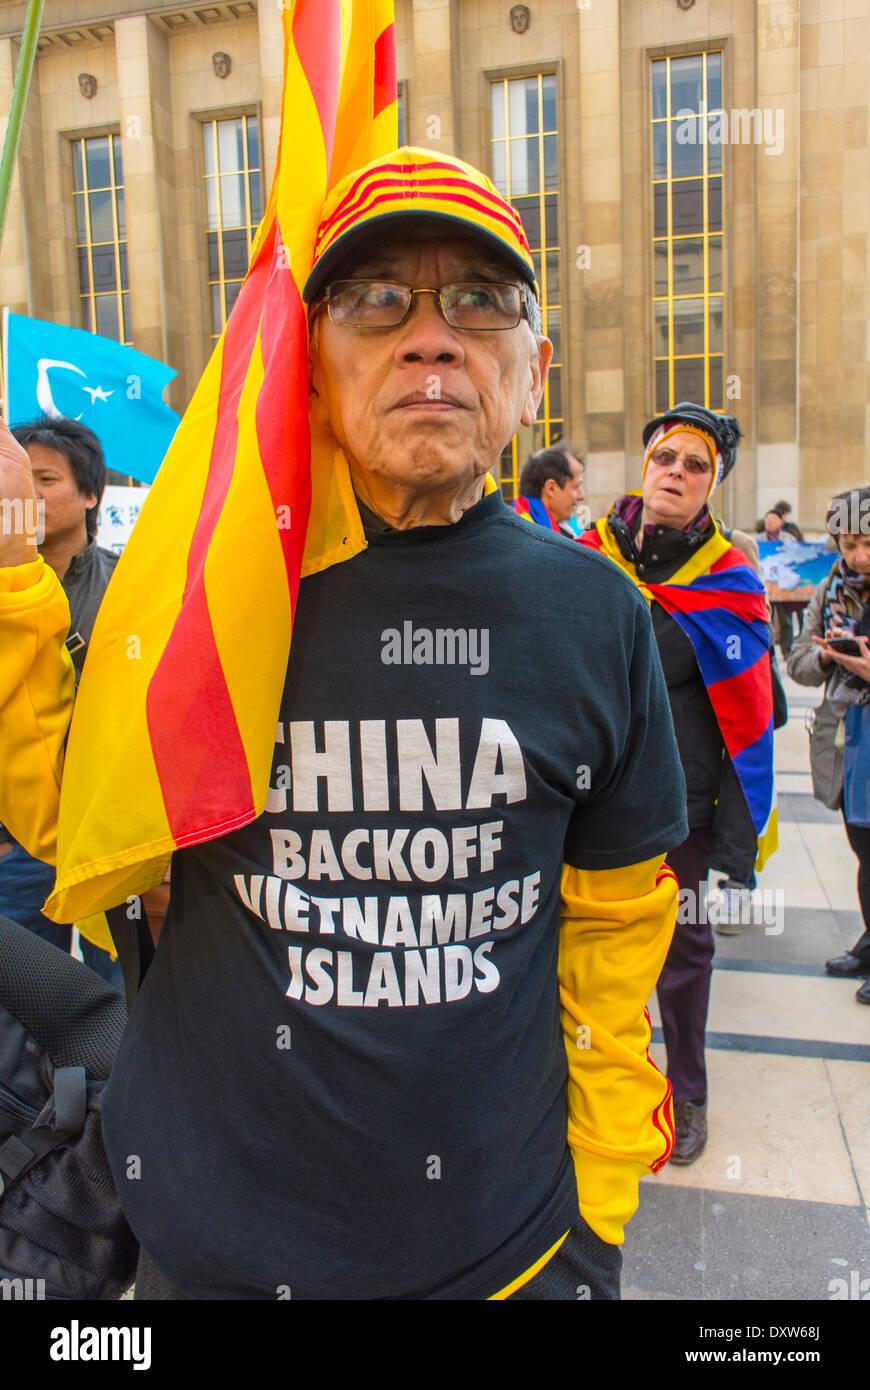 Le Tibétain, les communautés ethniques taiwanais de la France, a appelé à des citoyens français à se mobiliser au cours de la visite du président chinois à Paris, l'Homme portant un t-shirt Slogan de protestation contre l'occupation de l'île Banque D'Images